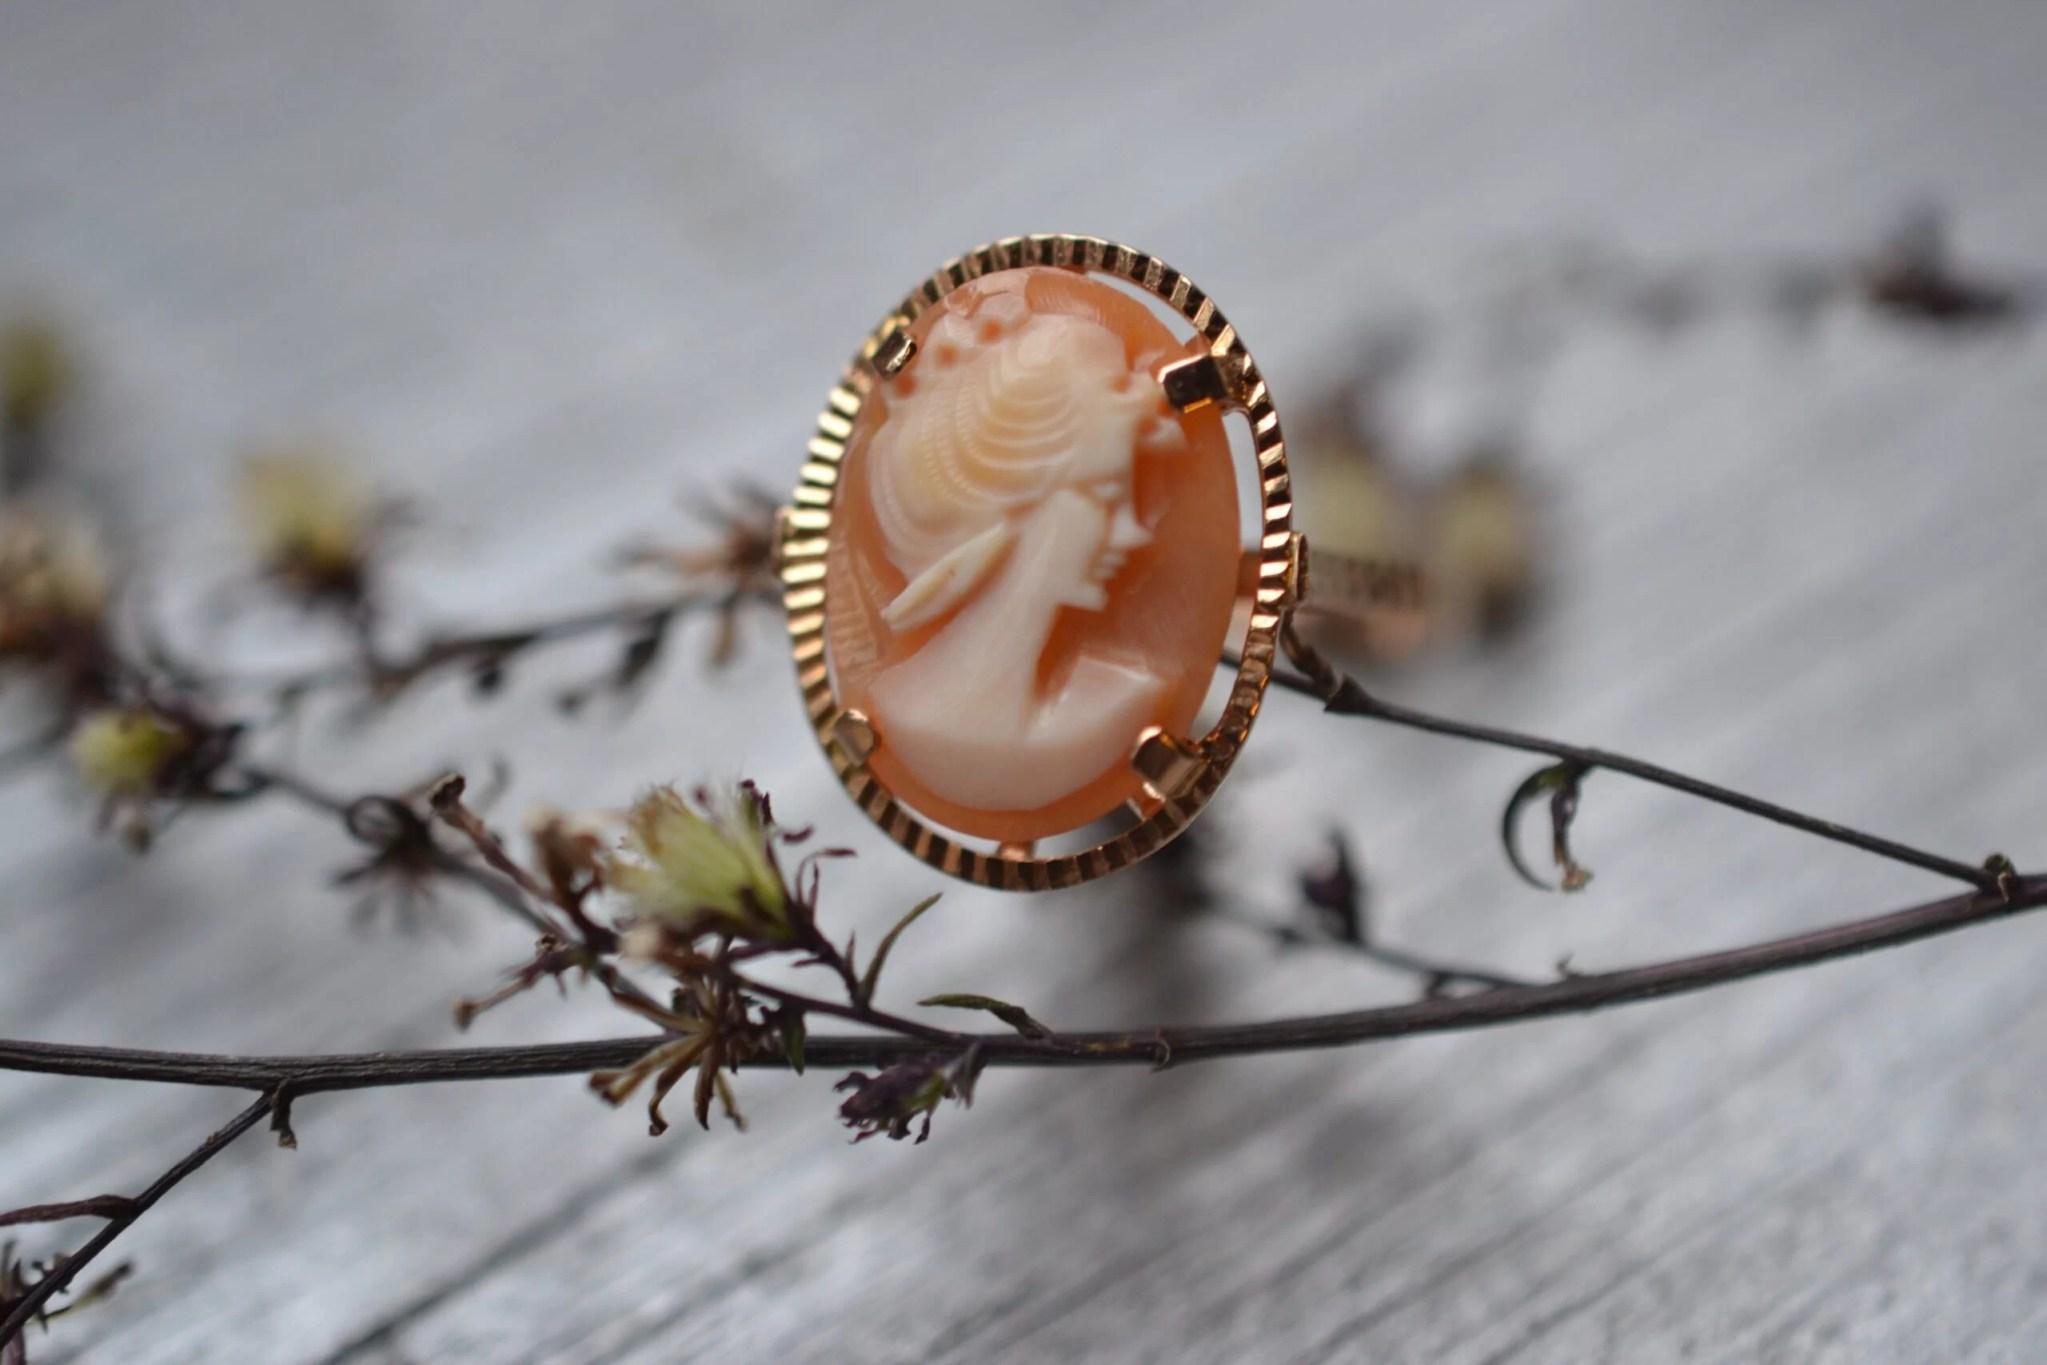 bague camée en or jaune 18 carats 750/1000 - un bijou ancien et d'occasion - visage de femme de profil dans les couleurs orange